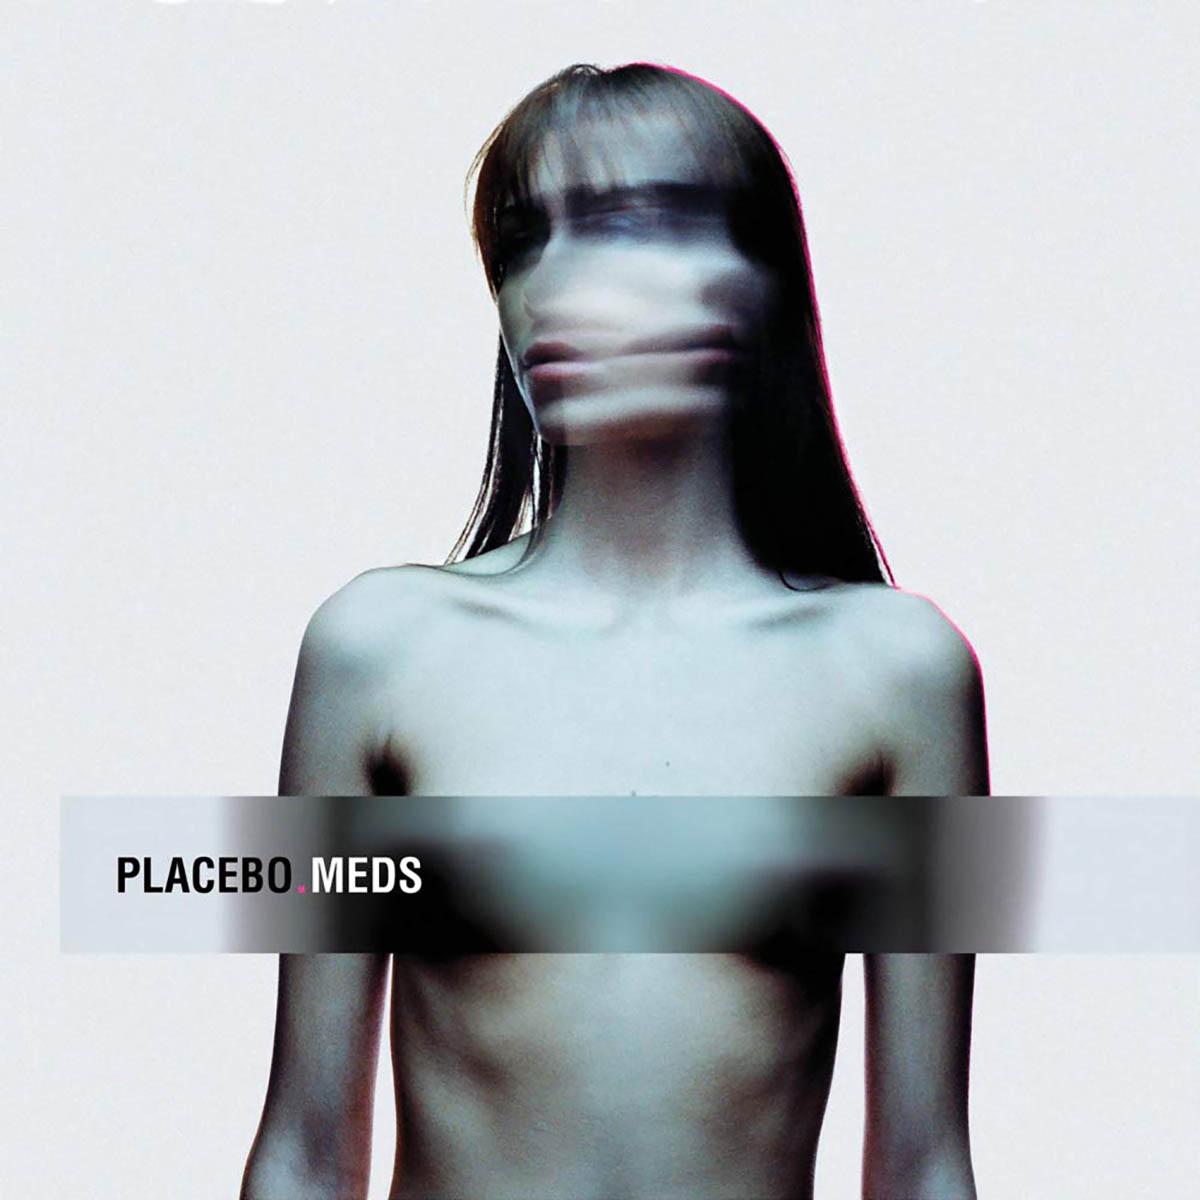 Placebo, Meds